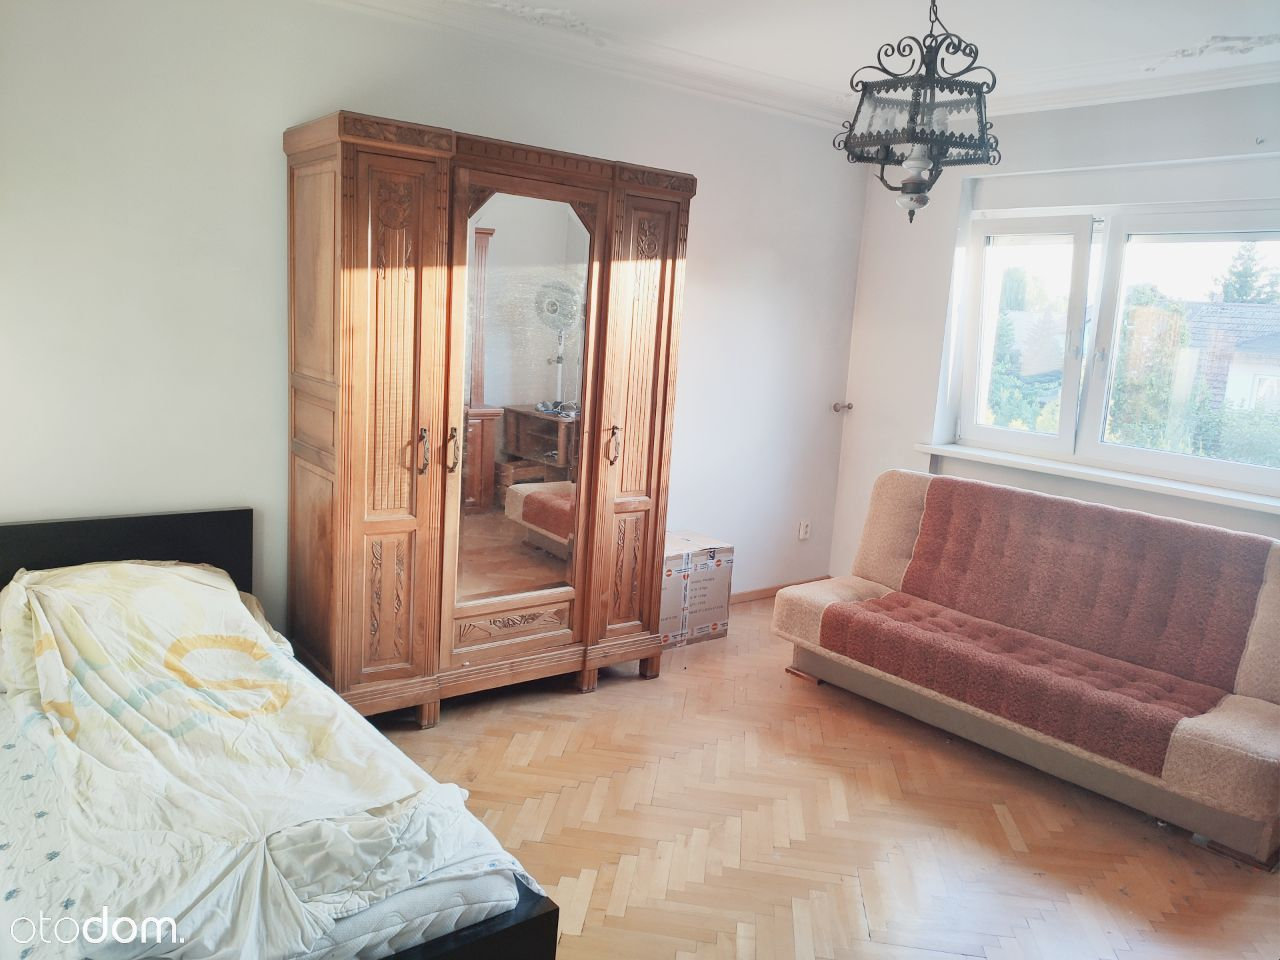 2-osobowy Pokój do wynajęcia w domu jednorodzinnym